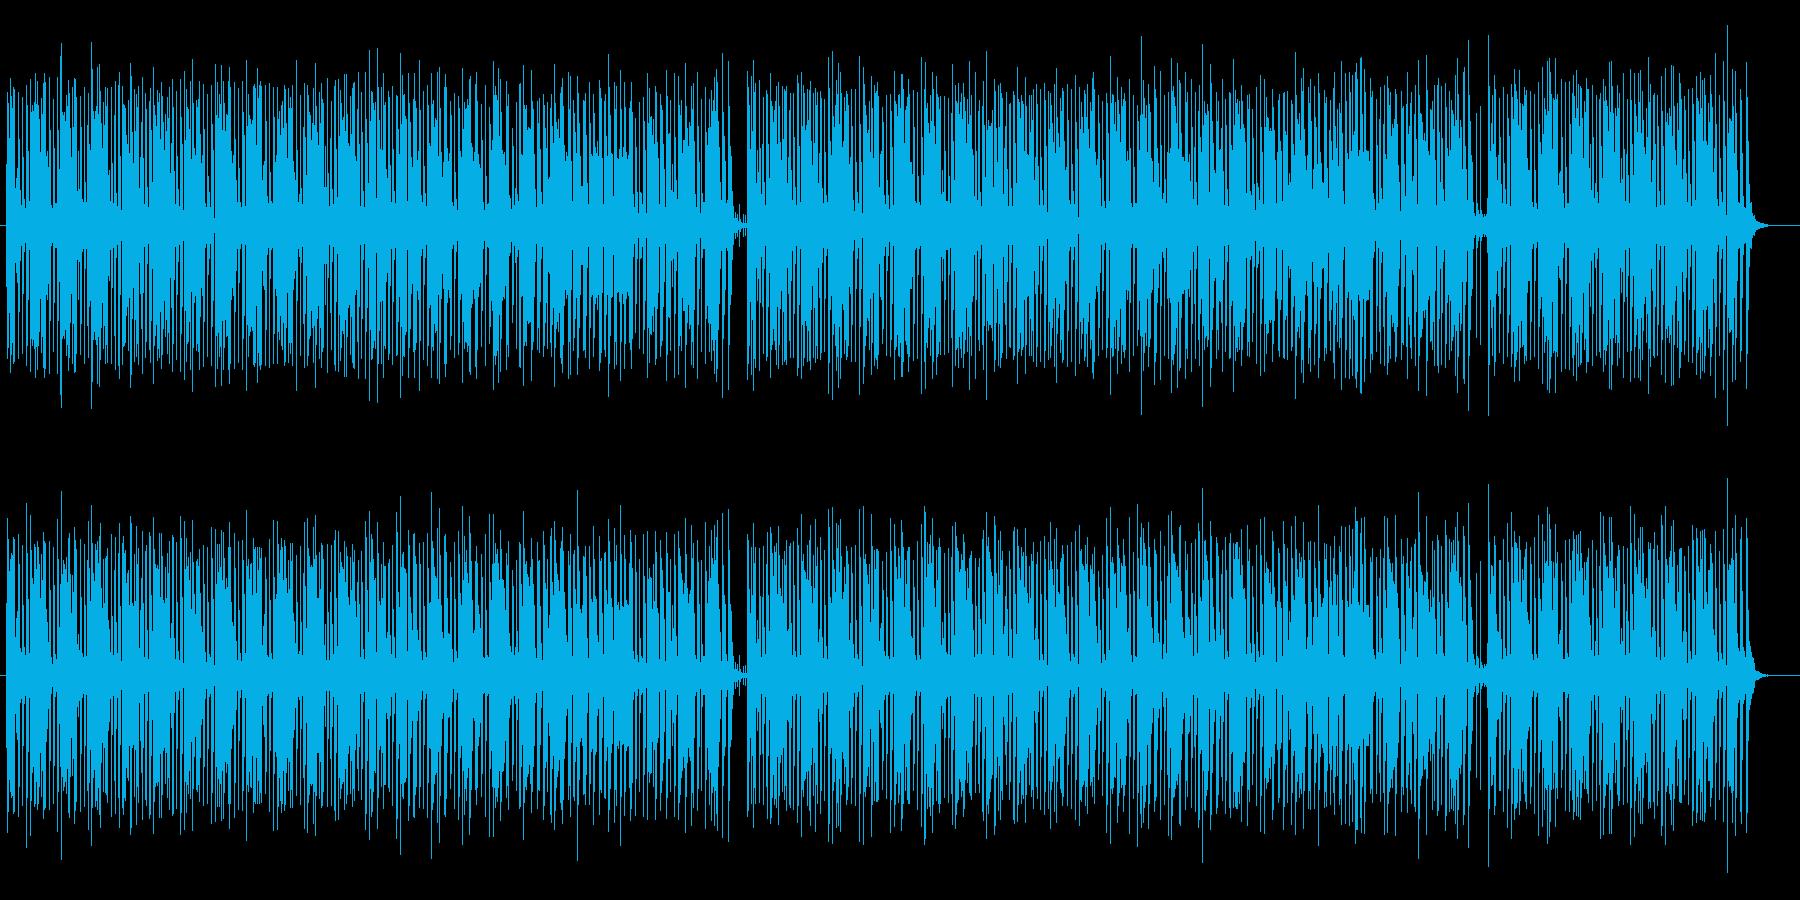 明るくてかわいいシンセミュージックの再生済みの波形